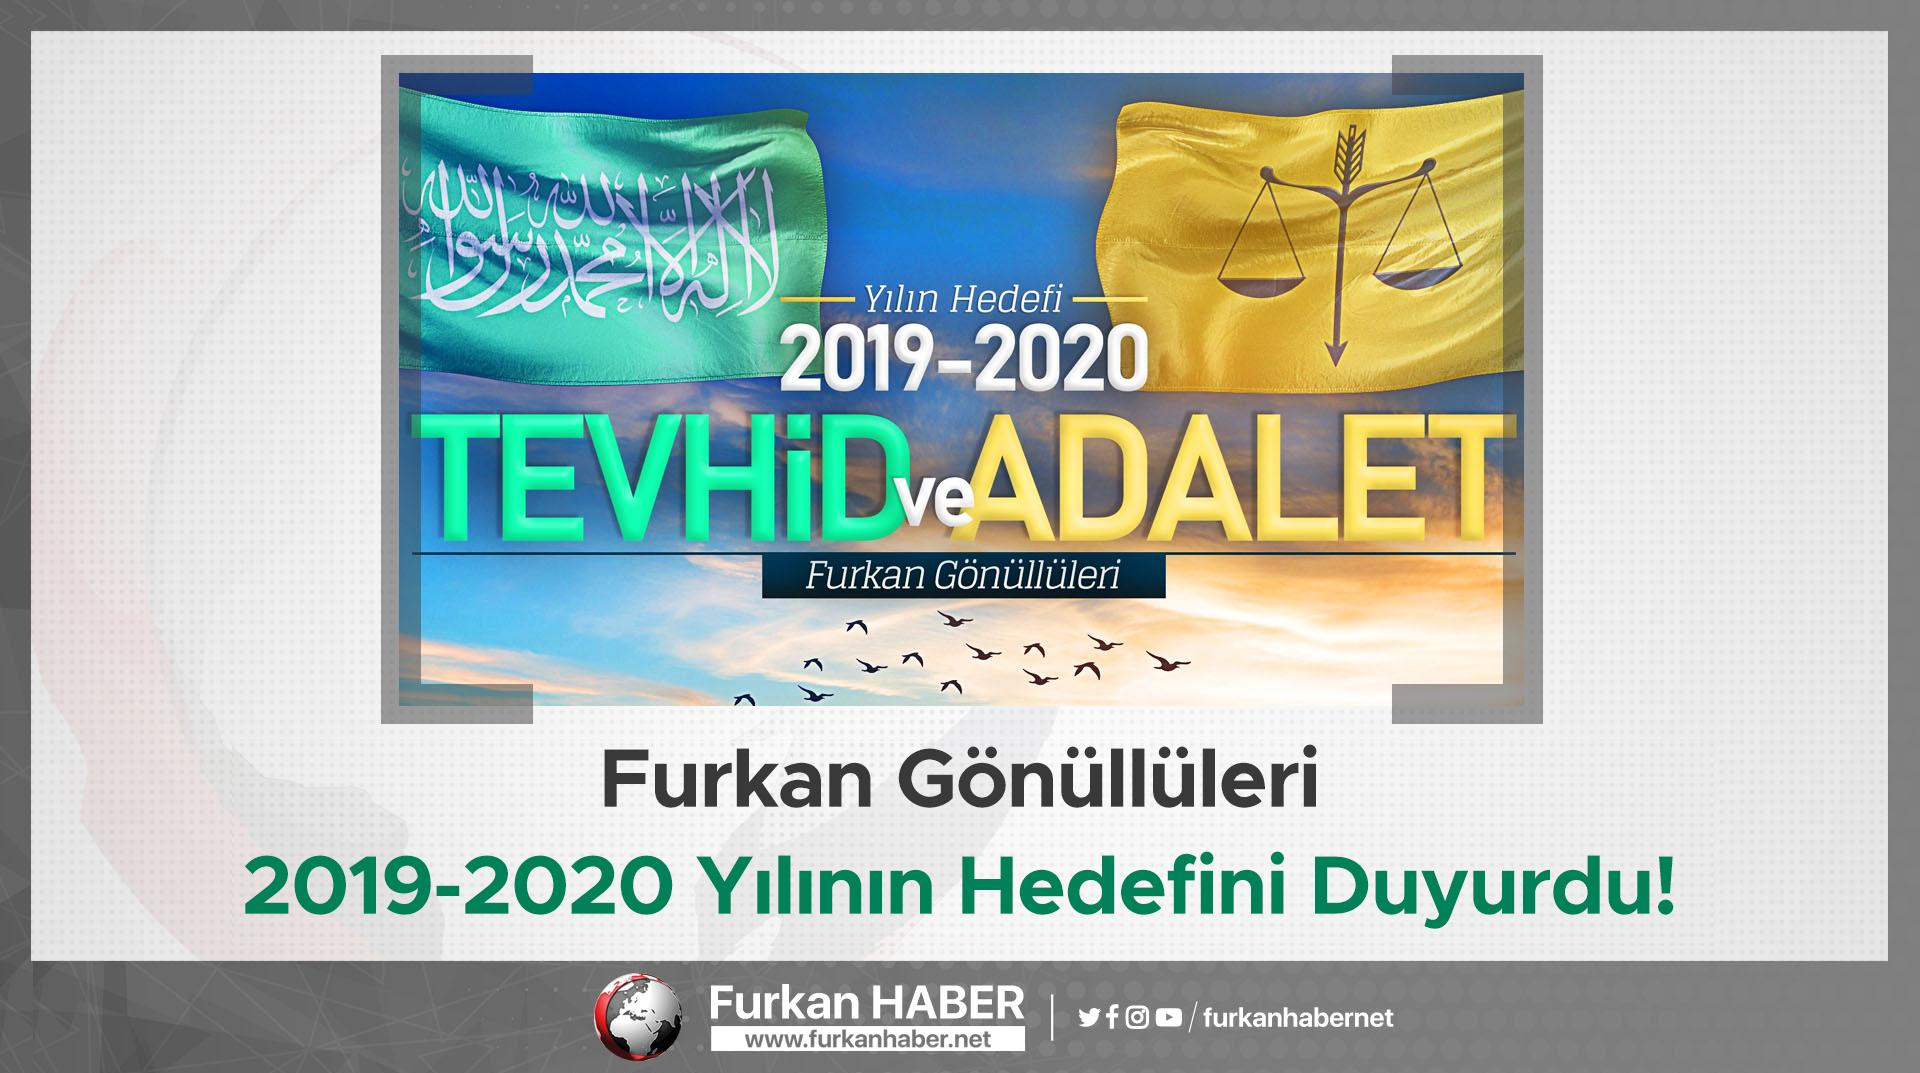 Furkan Gönüllüleri 2019-2020 Yılının Hedefini Duyurdu!